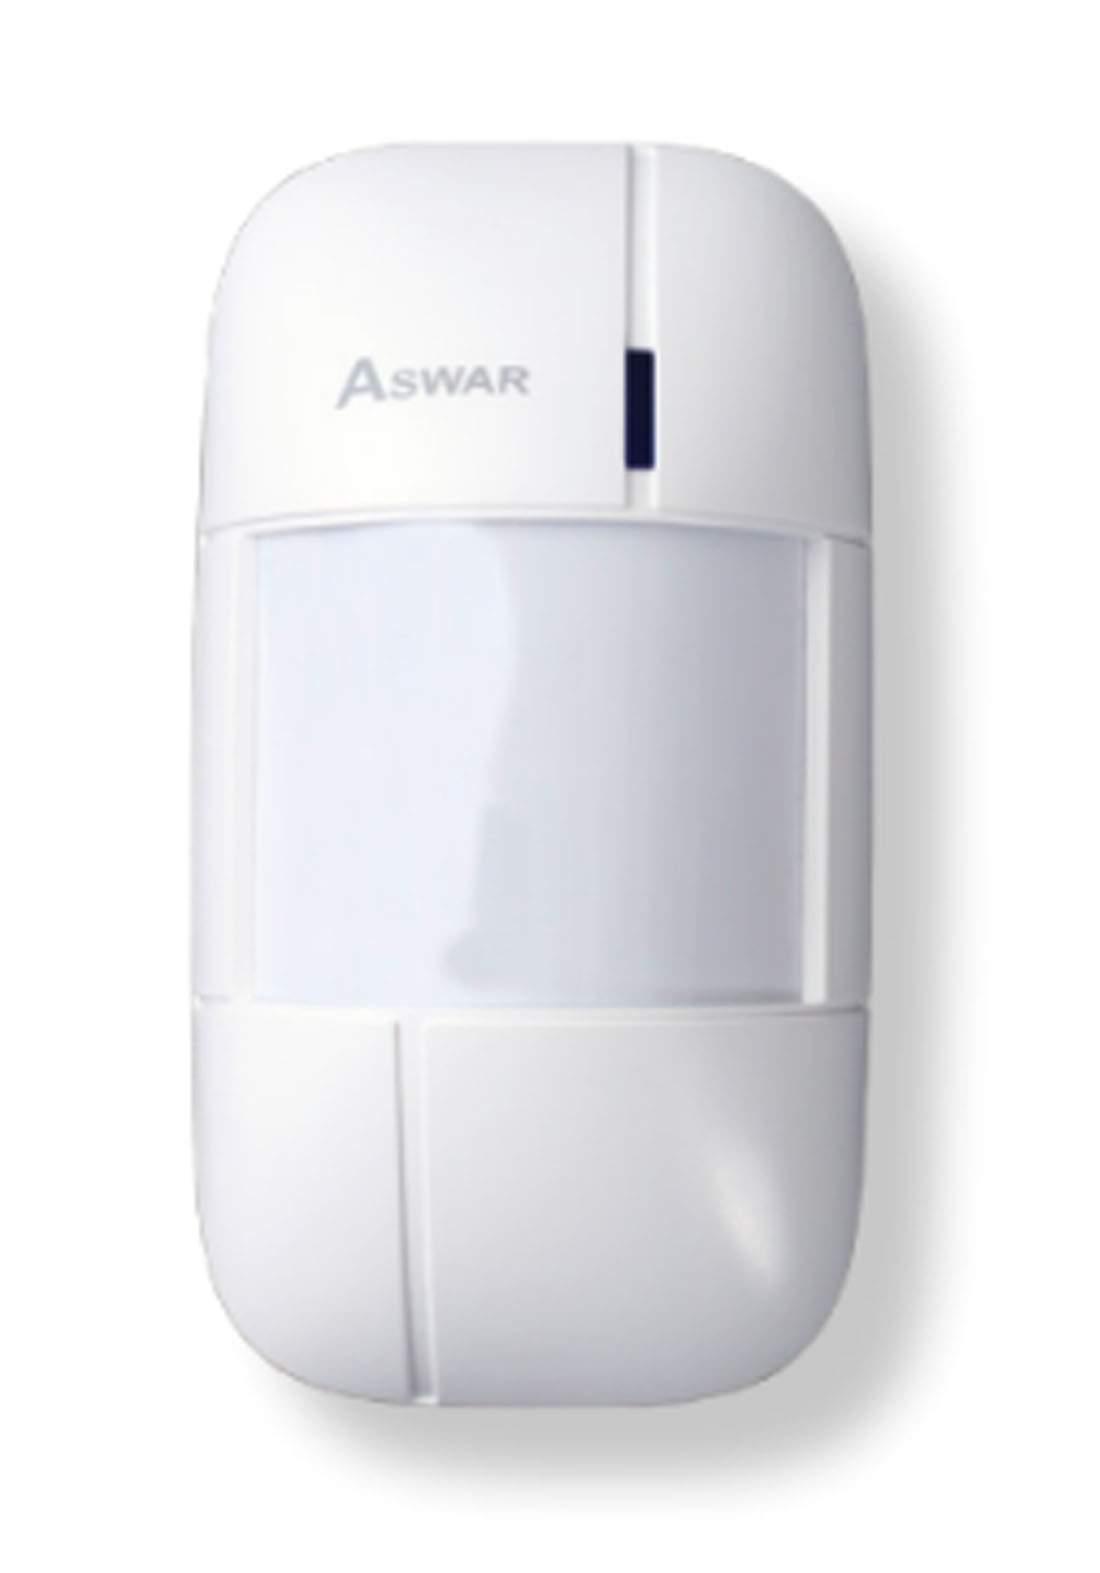 Aswar AS-HSS2-PIR Motion Detector Sensor - White  مستشعر كاشف الحركة